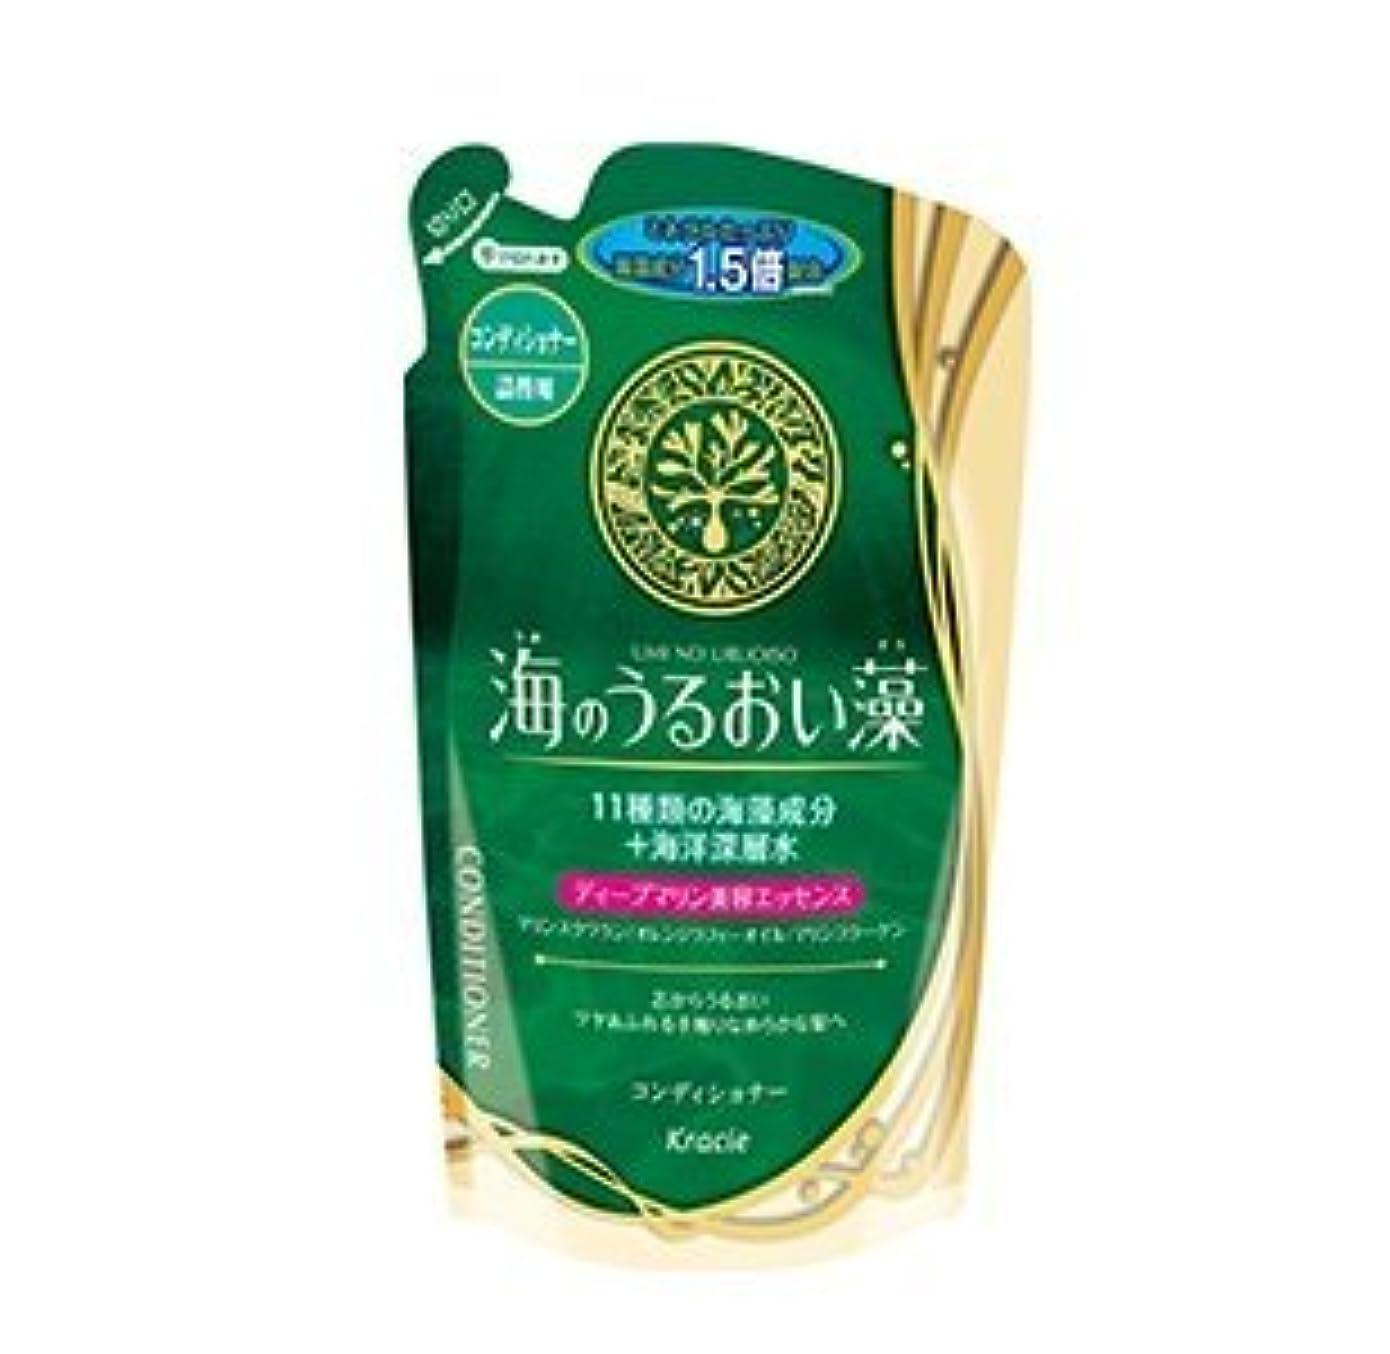 【まとめ買い】海のうるおい藻 コンディショナー 詰替用 420mL ×2セット